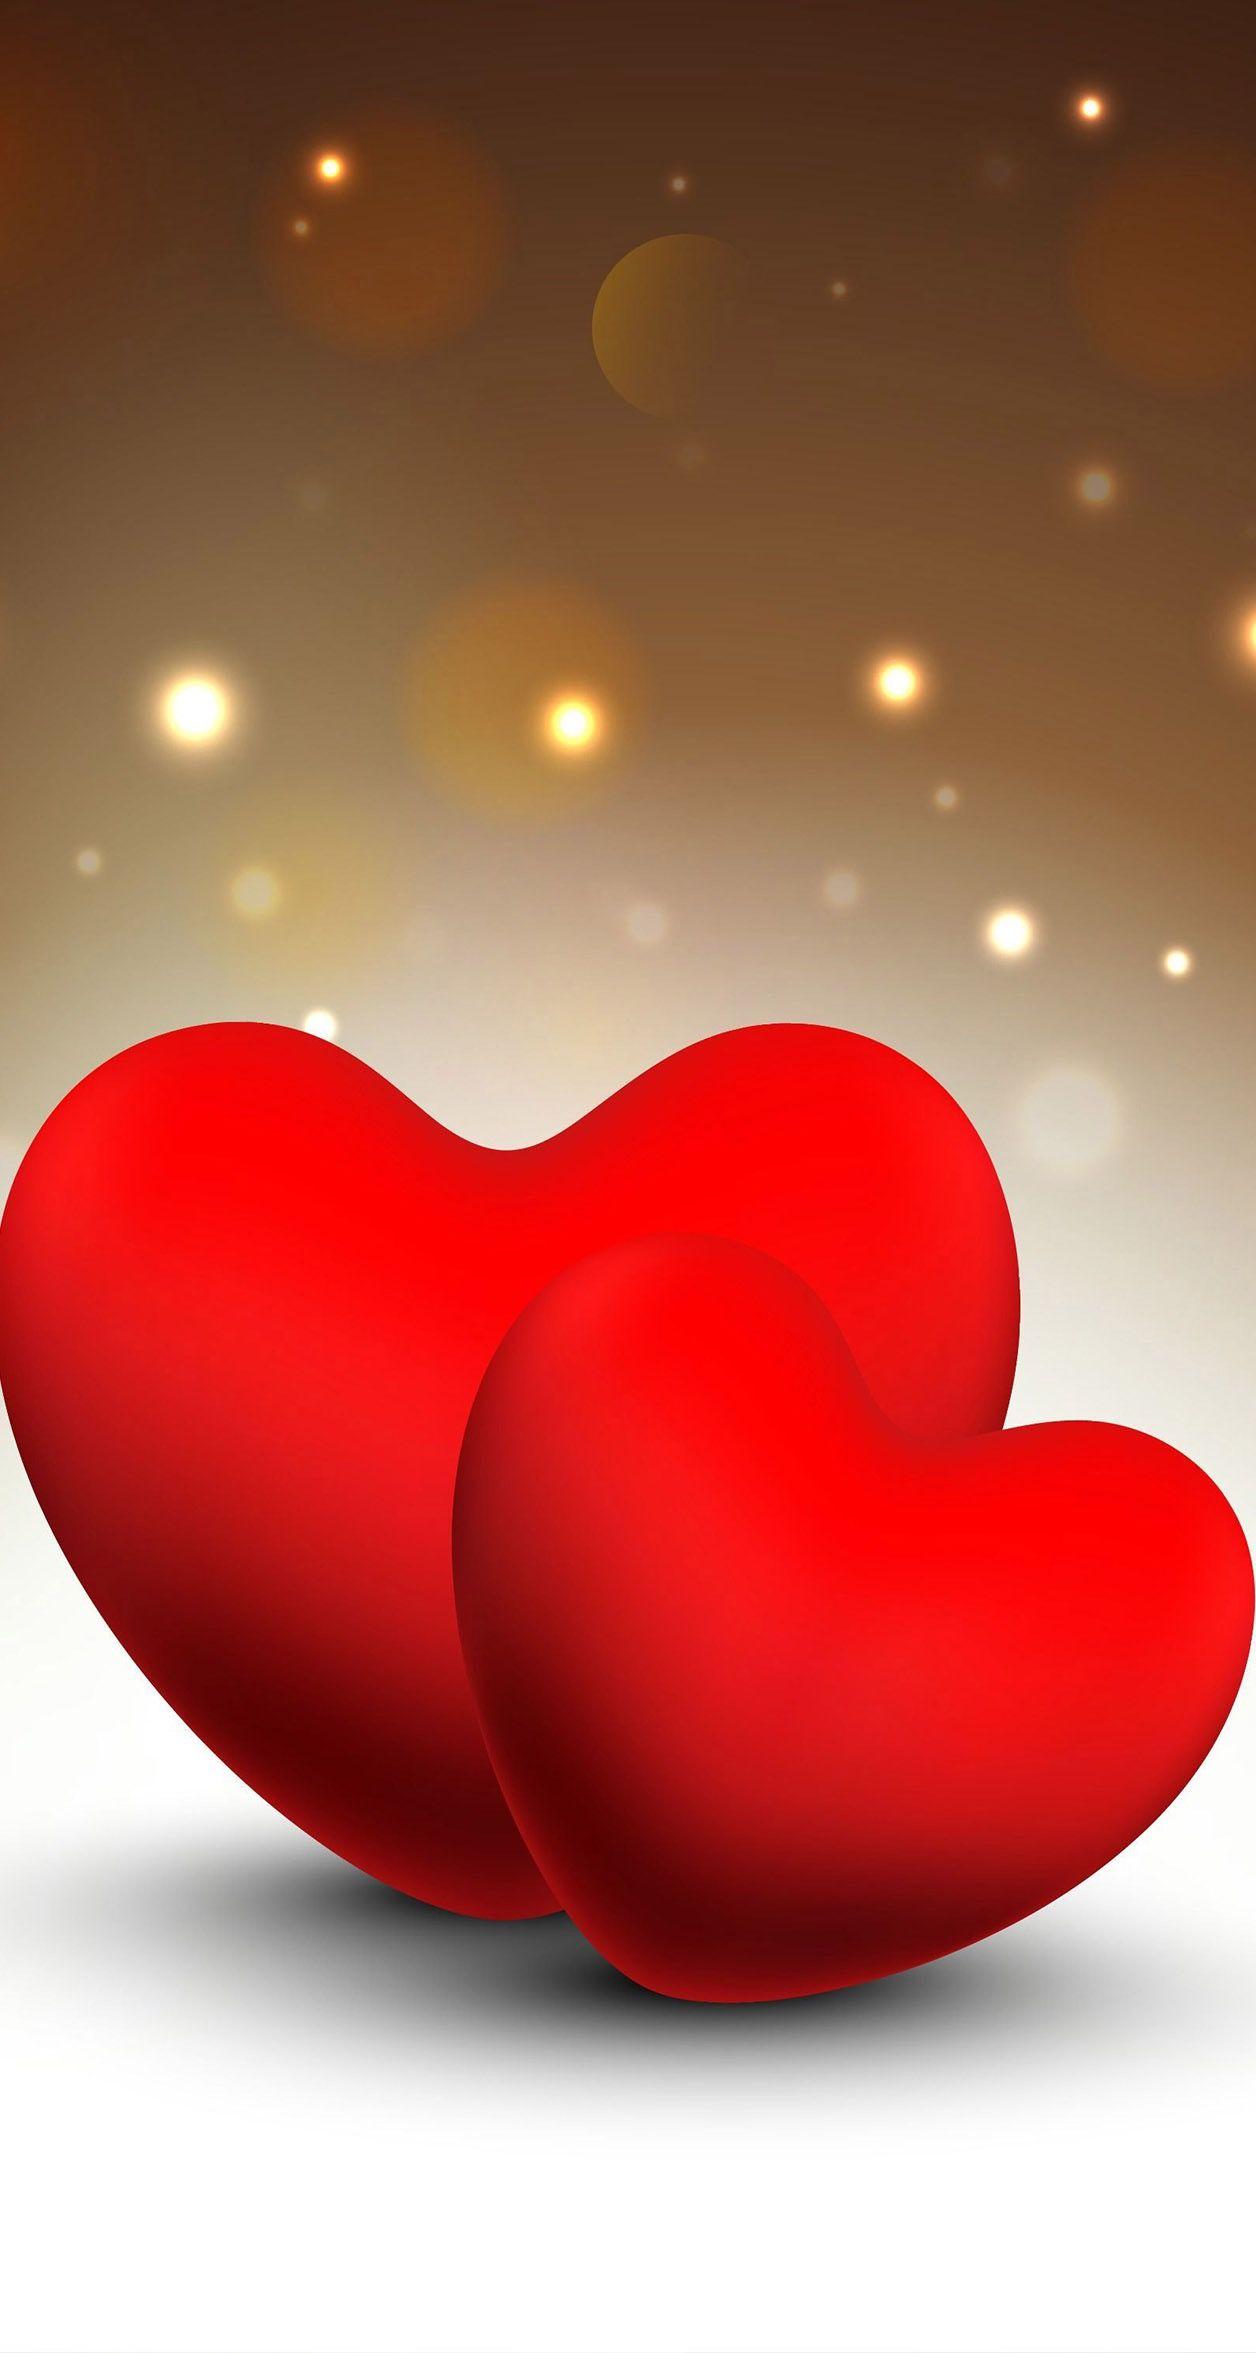 Daniela Love Wallpaper Download Cute Love Wallpapers Love Wallpaper